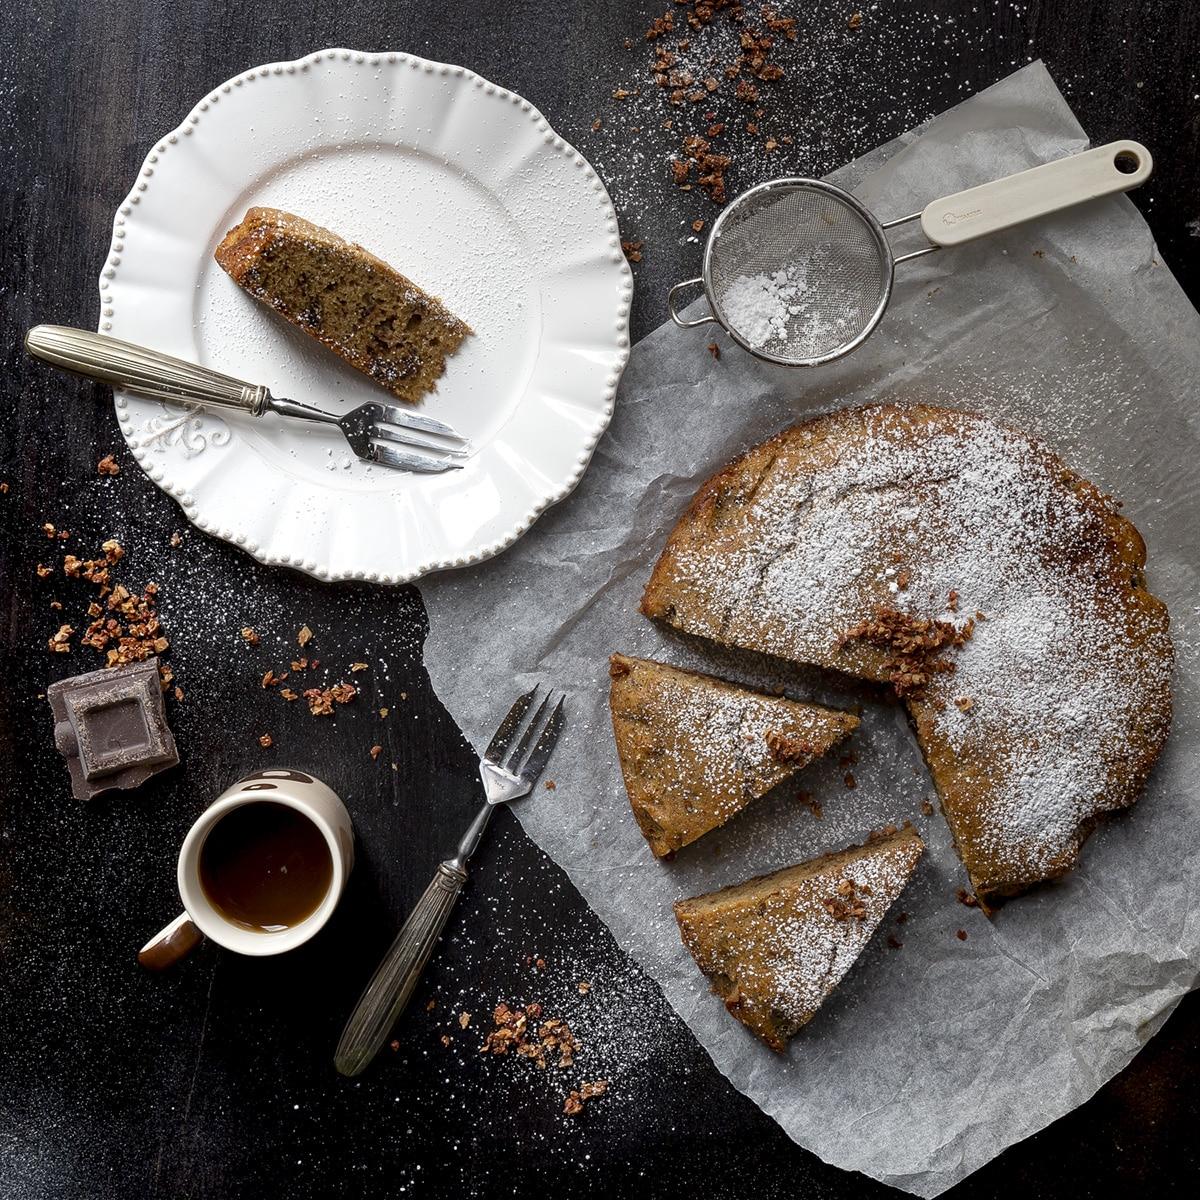 torta-con-farina-di-teff-ricotta-cioccolato-rum-farine-alternative-ricetta-facile-contemporaneo-food